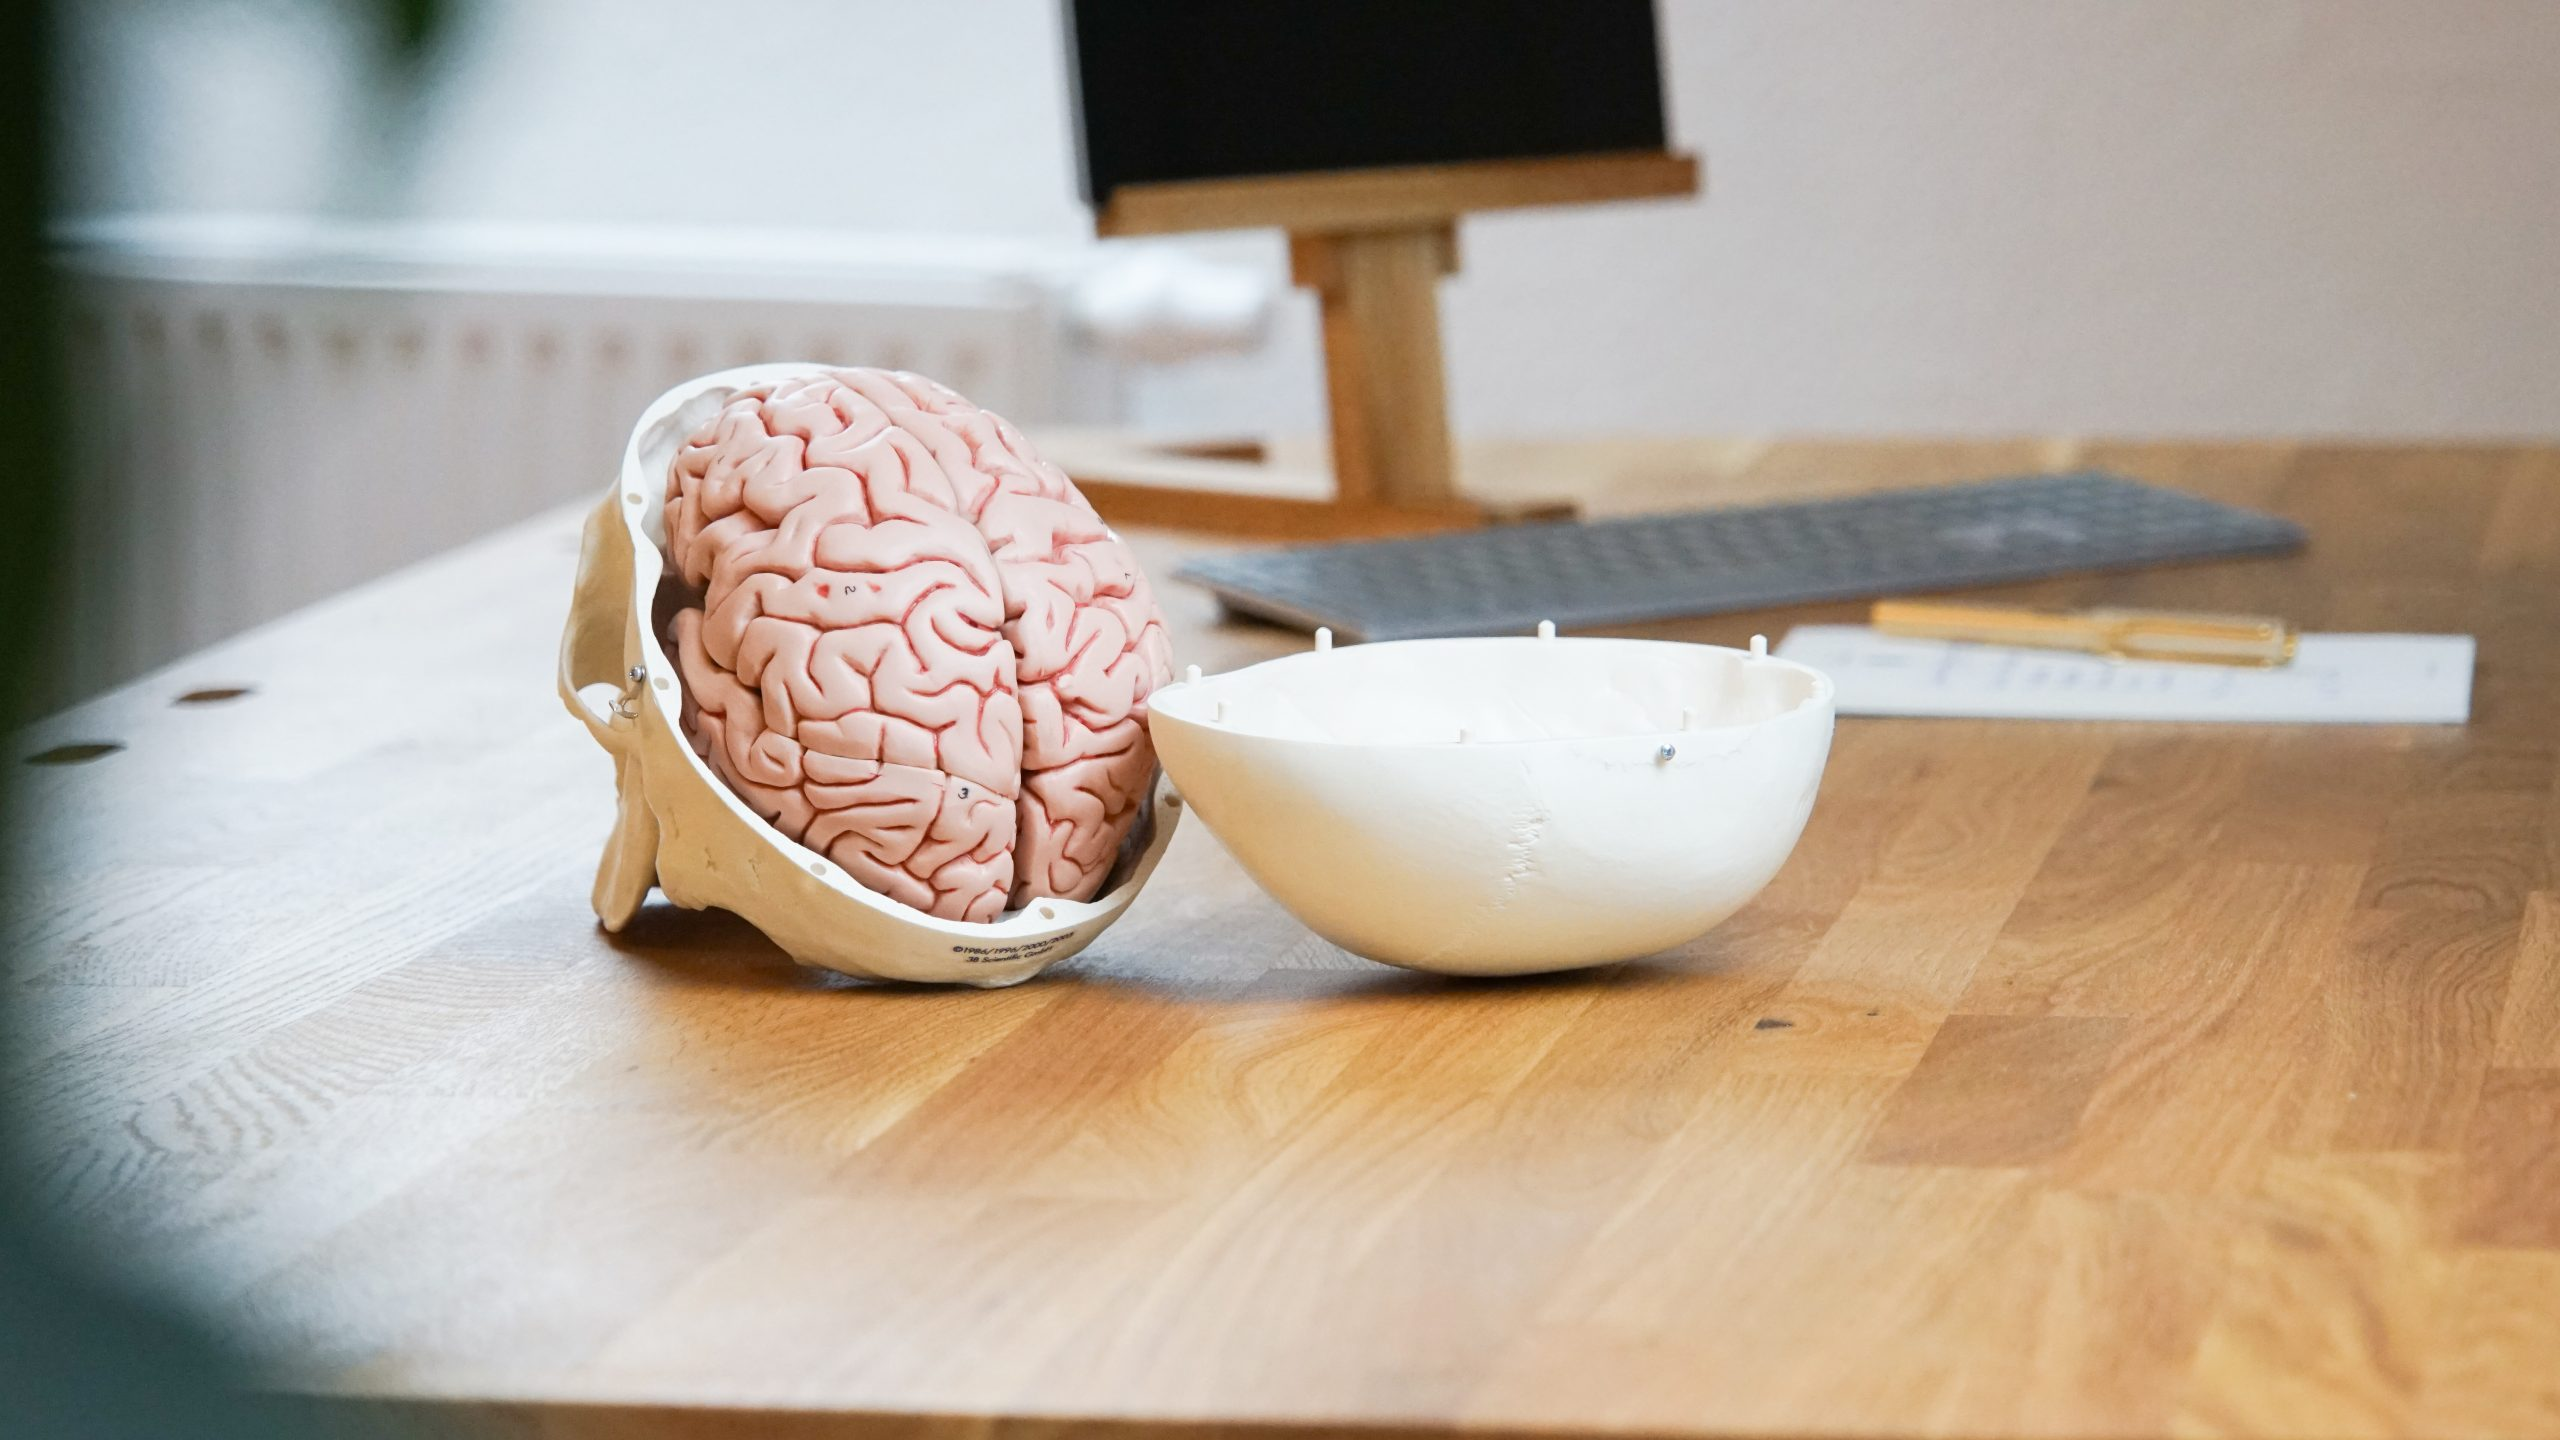 Das Modell eines menschlichen Gehirns liegt auf einem Holztisch.